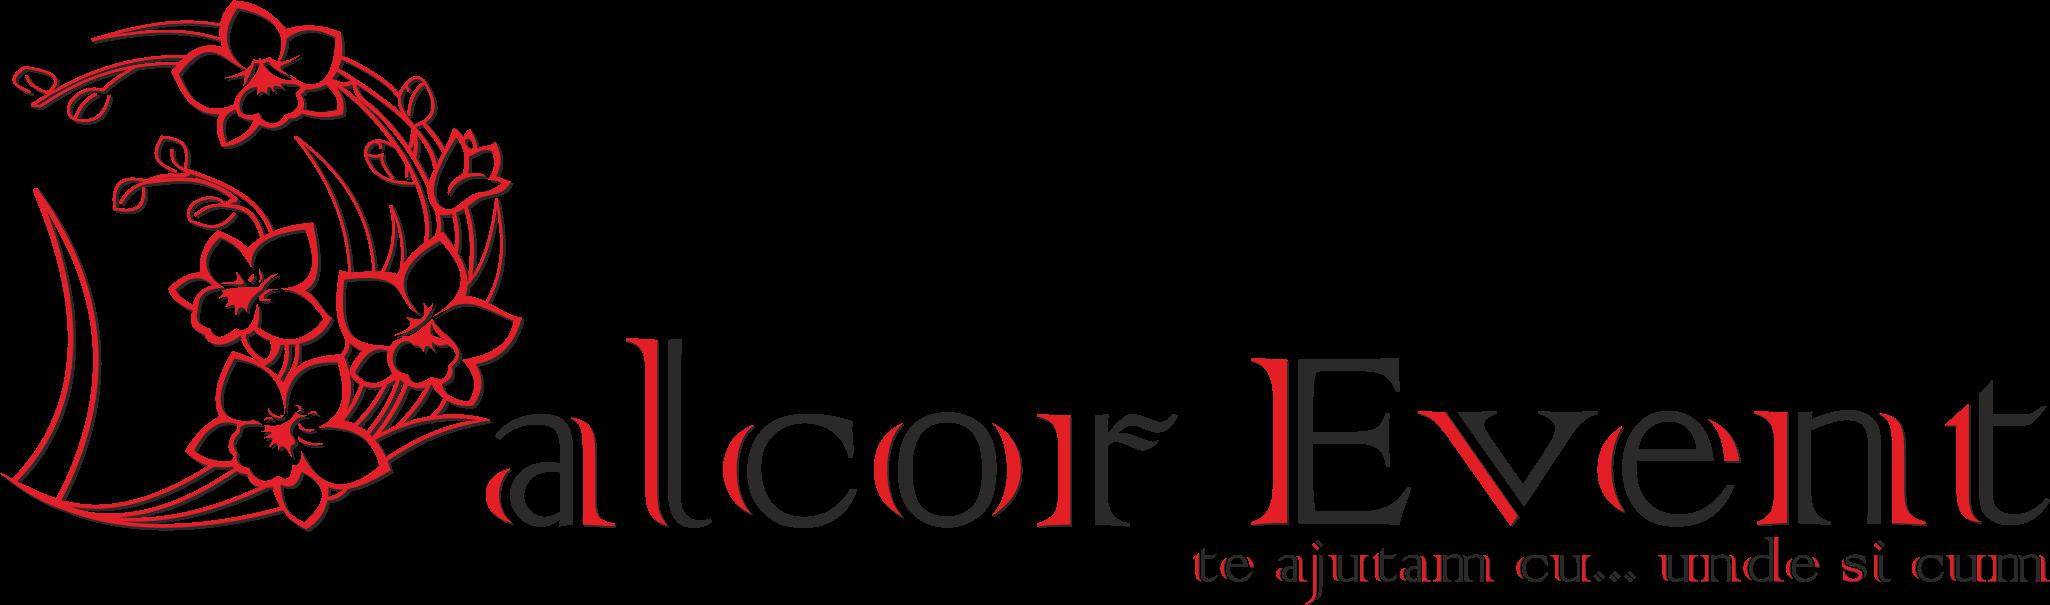 Dalcor Event